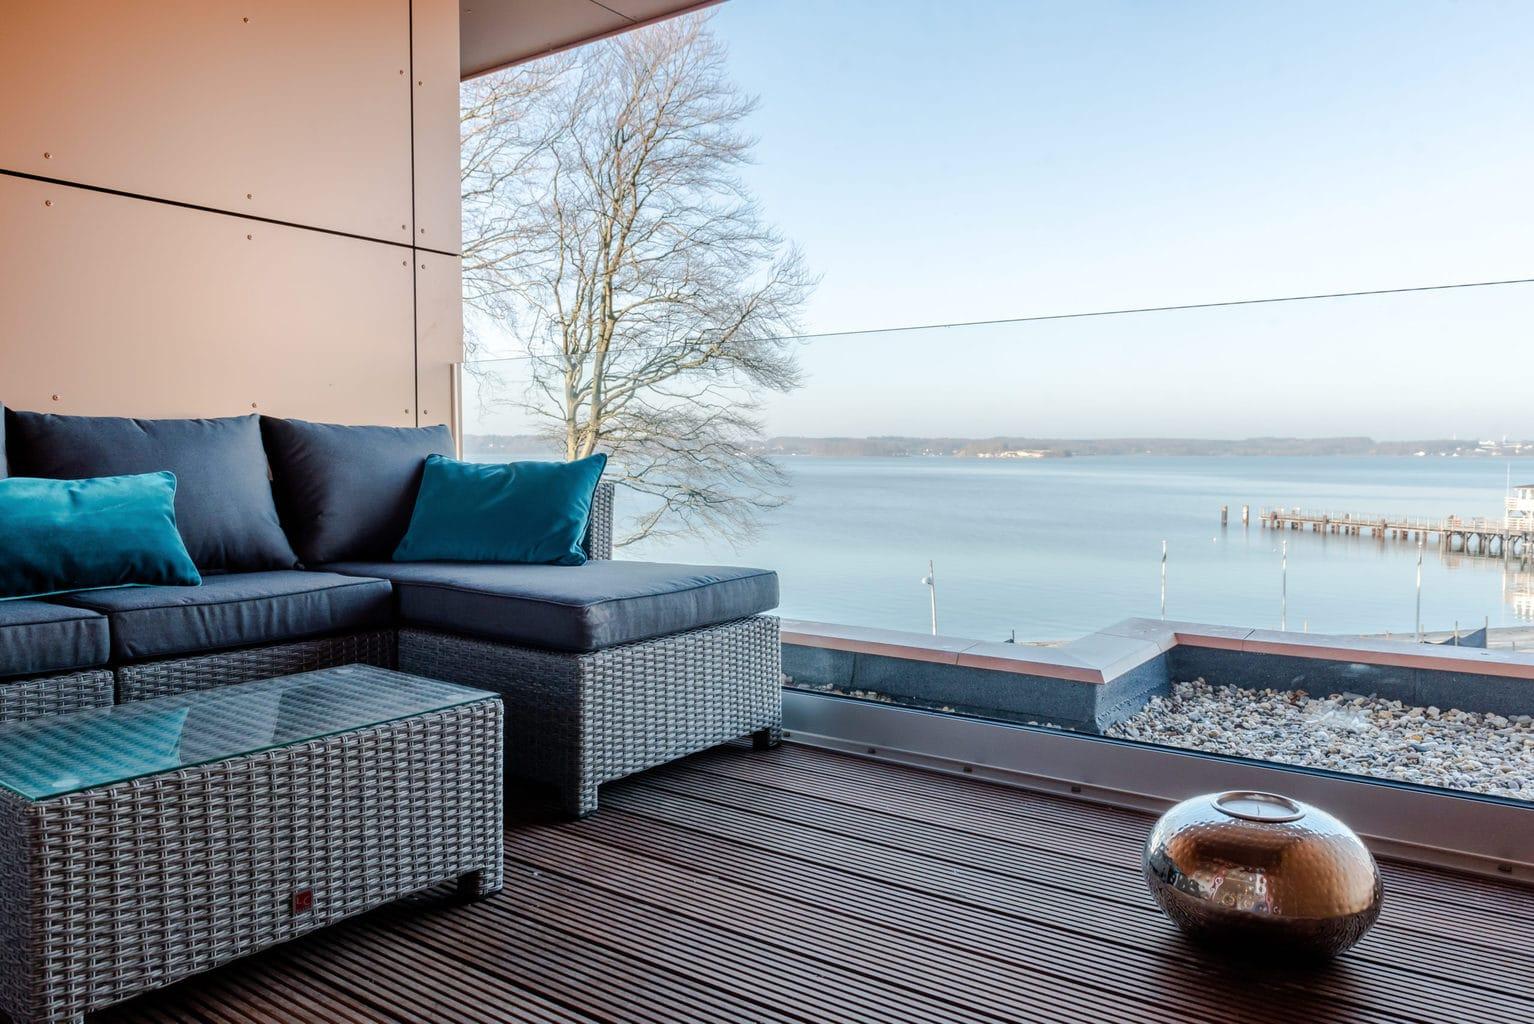 Meubels op balkon met uitzicht op zee in het stadje Glücksburg